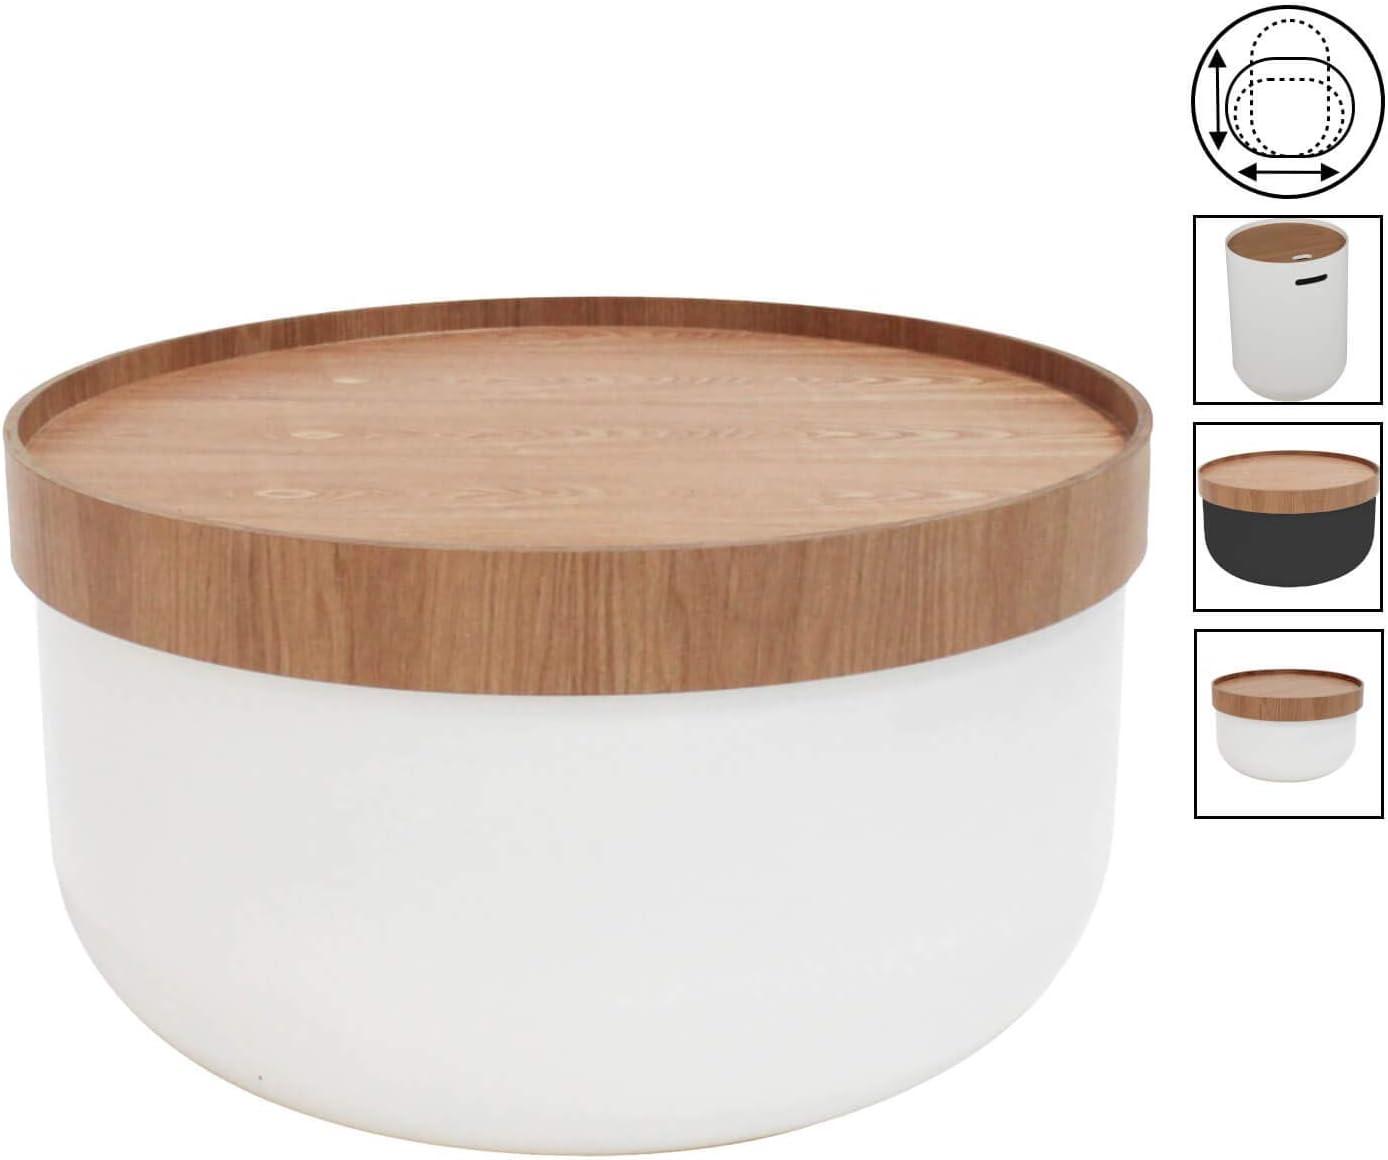 H 29cm P 50cm Petite Table Basse de Salon Moderne ou Table dappoint mokebo/® Table Basse La Gardienne Ronde Bois Blanc /& fr/êne 01